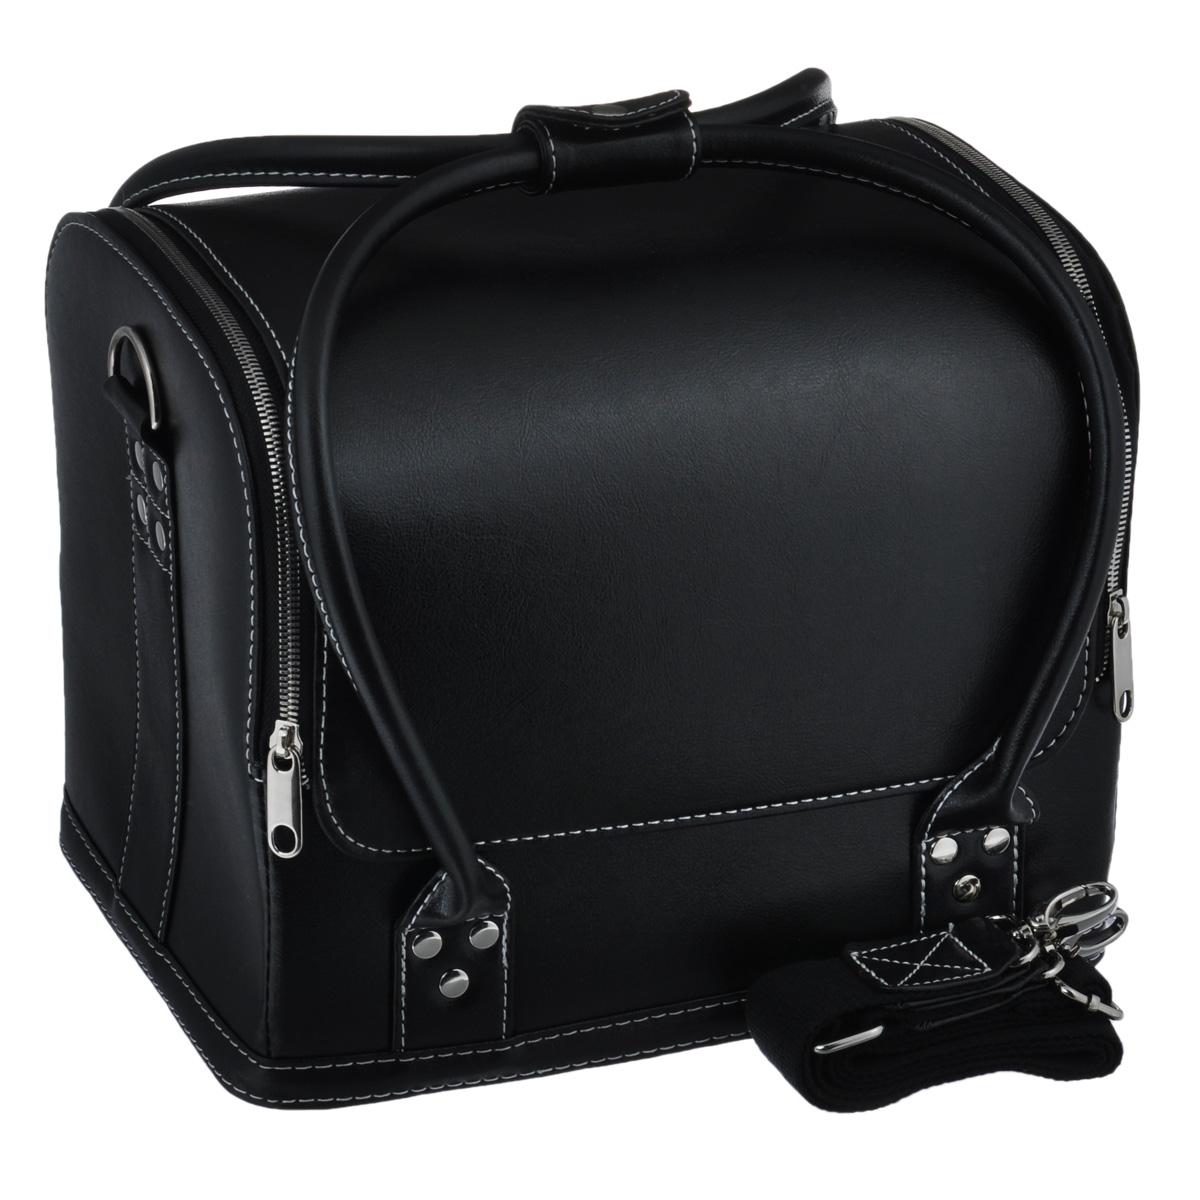 Сумка для швейных принадлежностей Prym, цвет: черный, 31 х 23 х 25 см612822Сумка Prym выполнена из искусственной кожи. Сумка Prym предназначена для хранения швейных принадлежностей. Сумка имеет большое отделение, в котором имеются выдвижные отделения для швейных принадлежностей. Закрывается сумка на молнию. Также сумка имеет ручки для удобной носки в руках и ручку через плечо. Сумка не оставит равнодушной ни одну любительницу изысканных вещей. Сочетание оригинального дизайна и функциональности сделают такую сумку практичным и стильным предметом гордости ее обладательницы.